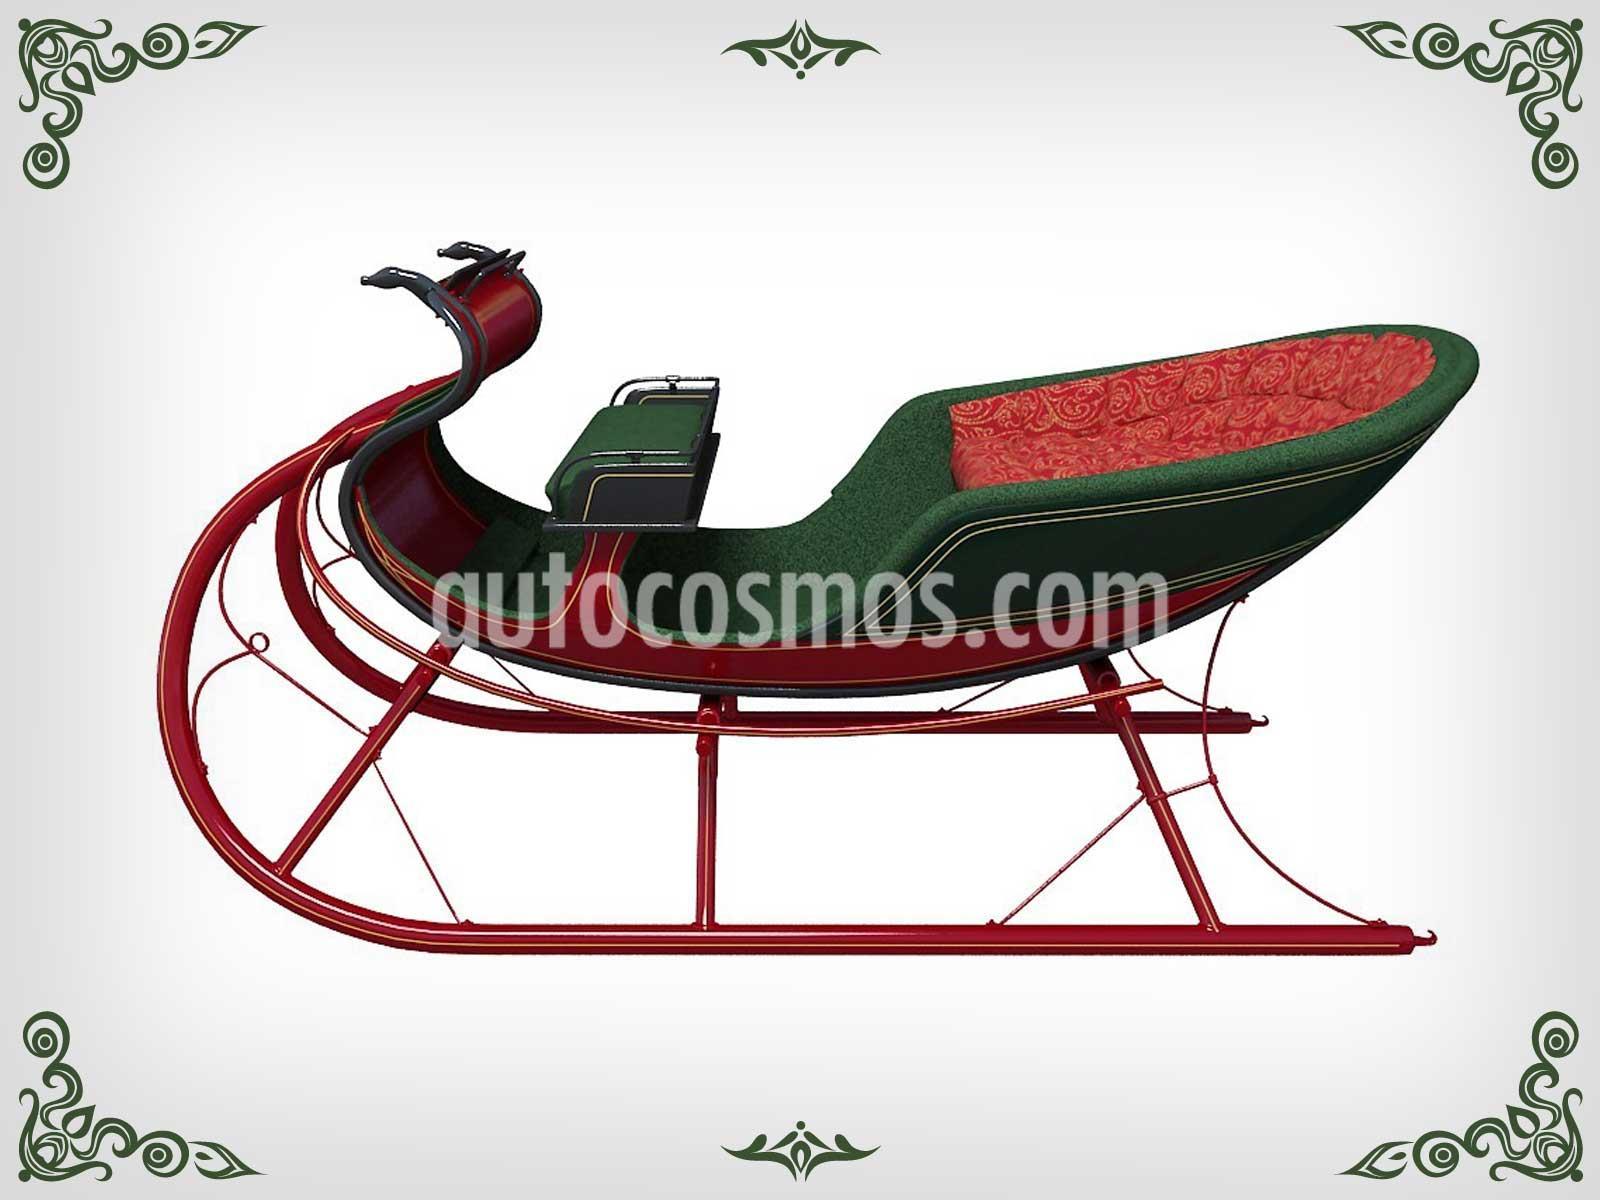 En Exclusiva Probamos El Trineo De Santa Claus